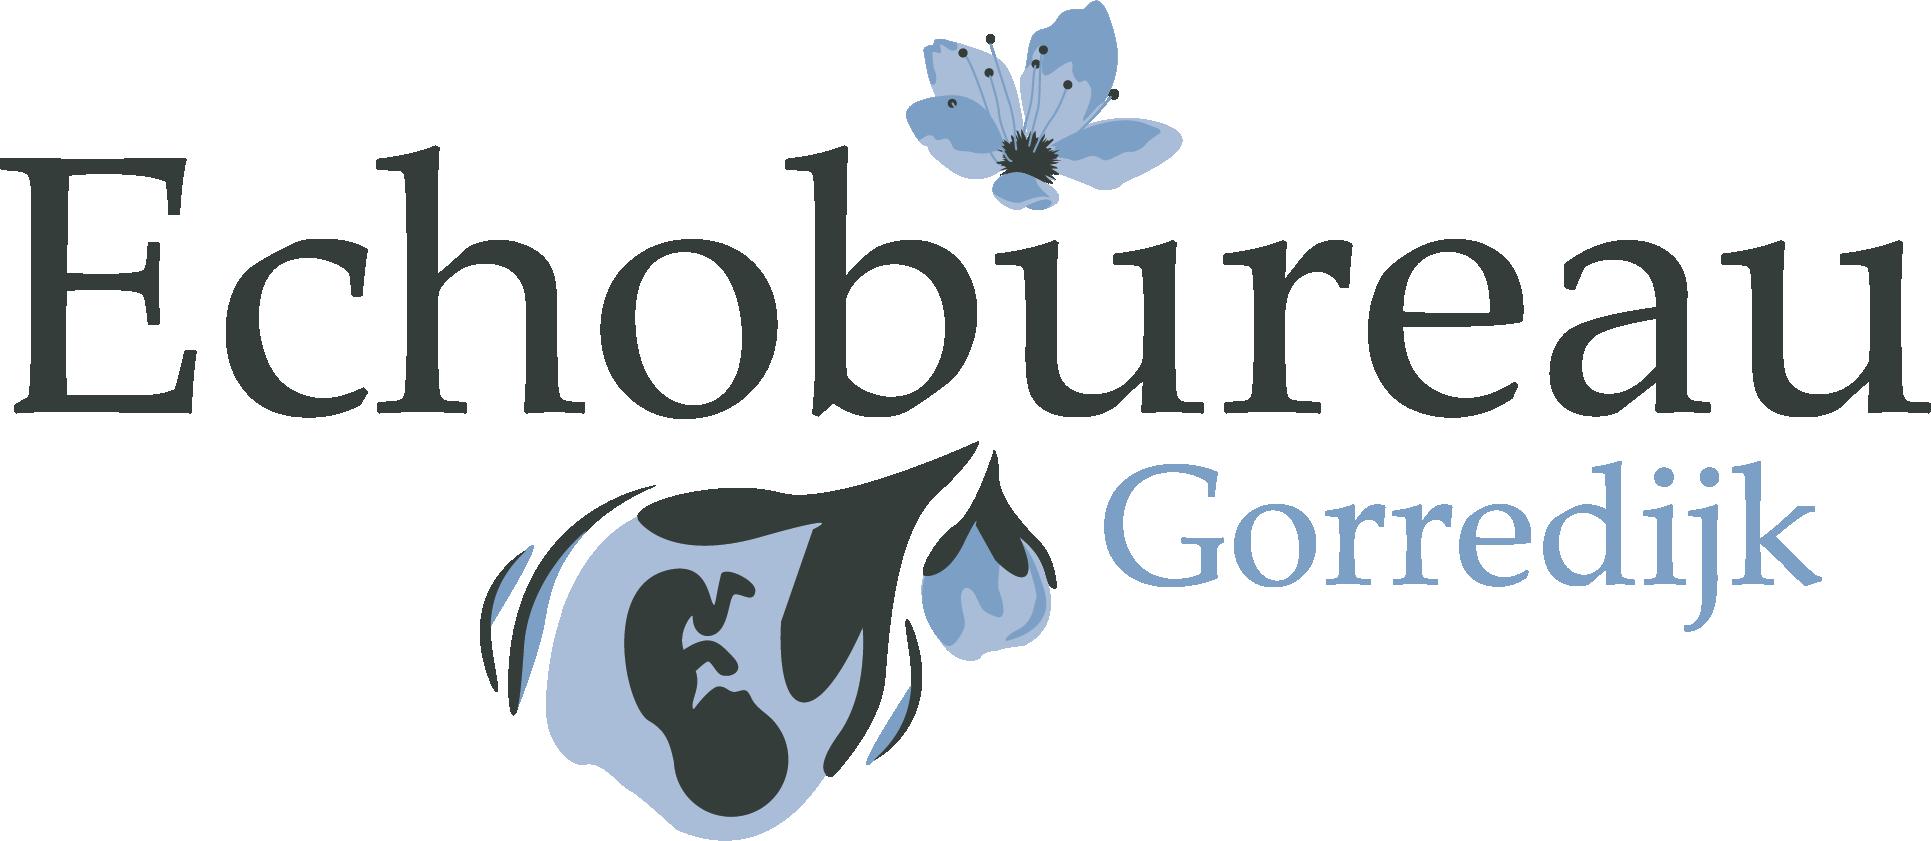 Echobureau Gorredijk